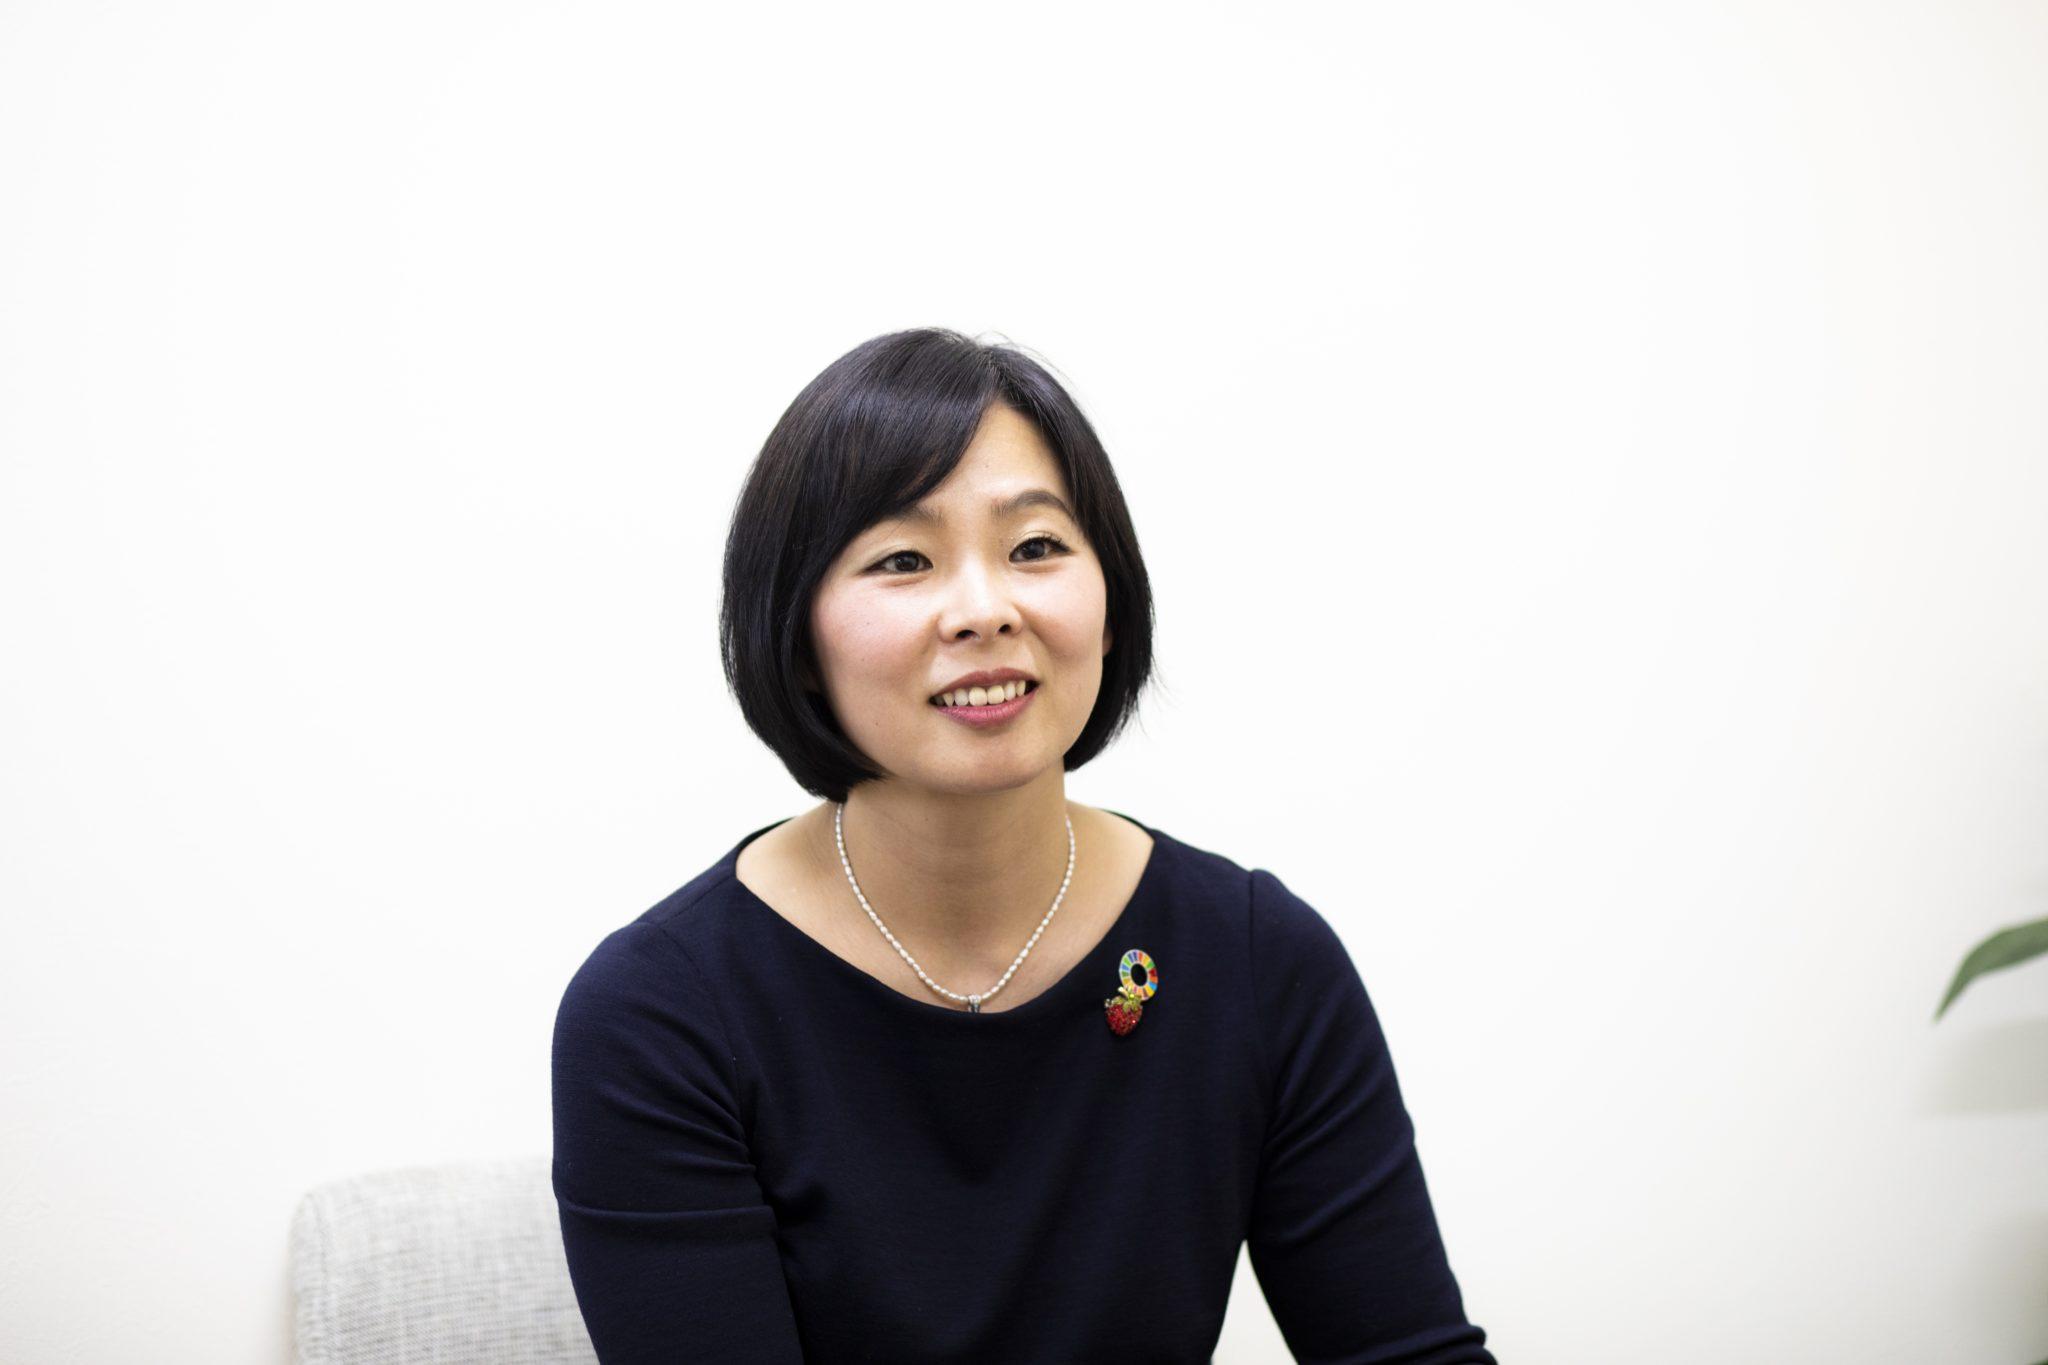 加藤ちほ-INTERVIEW